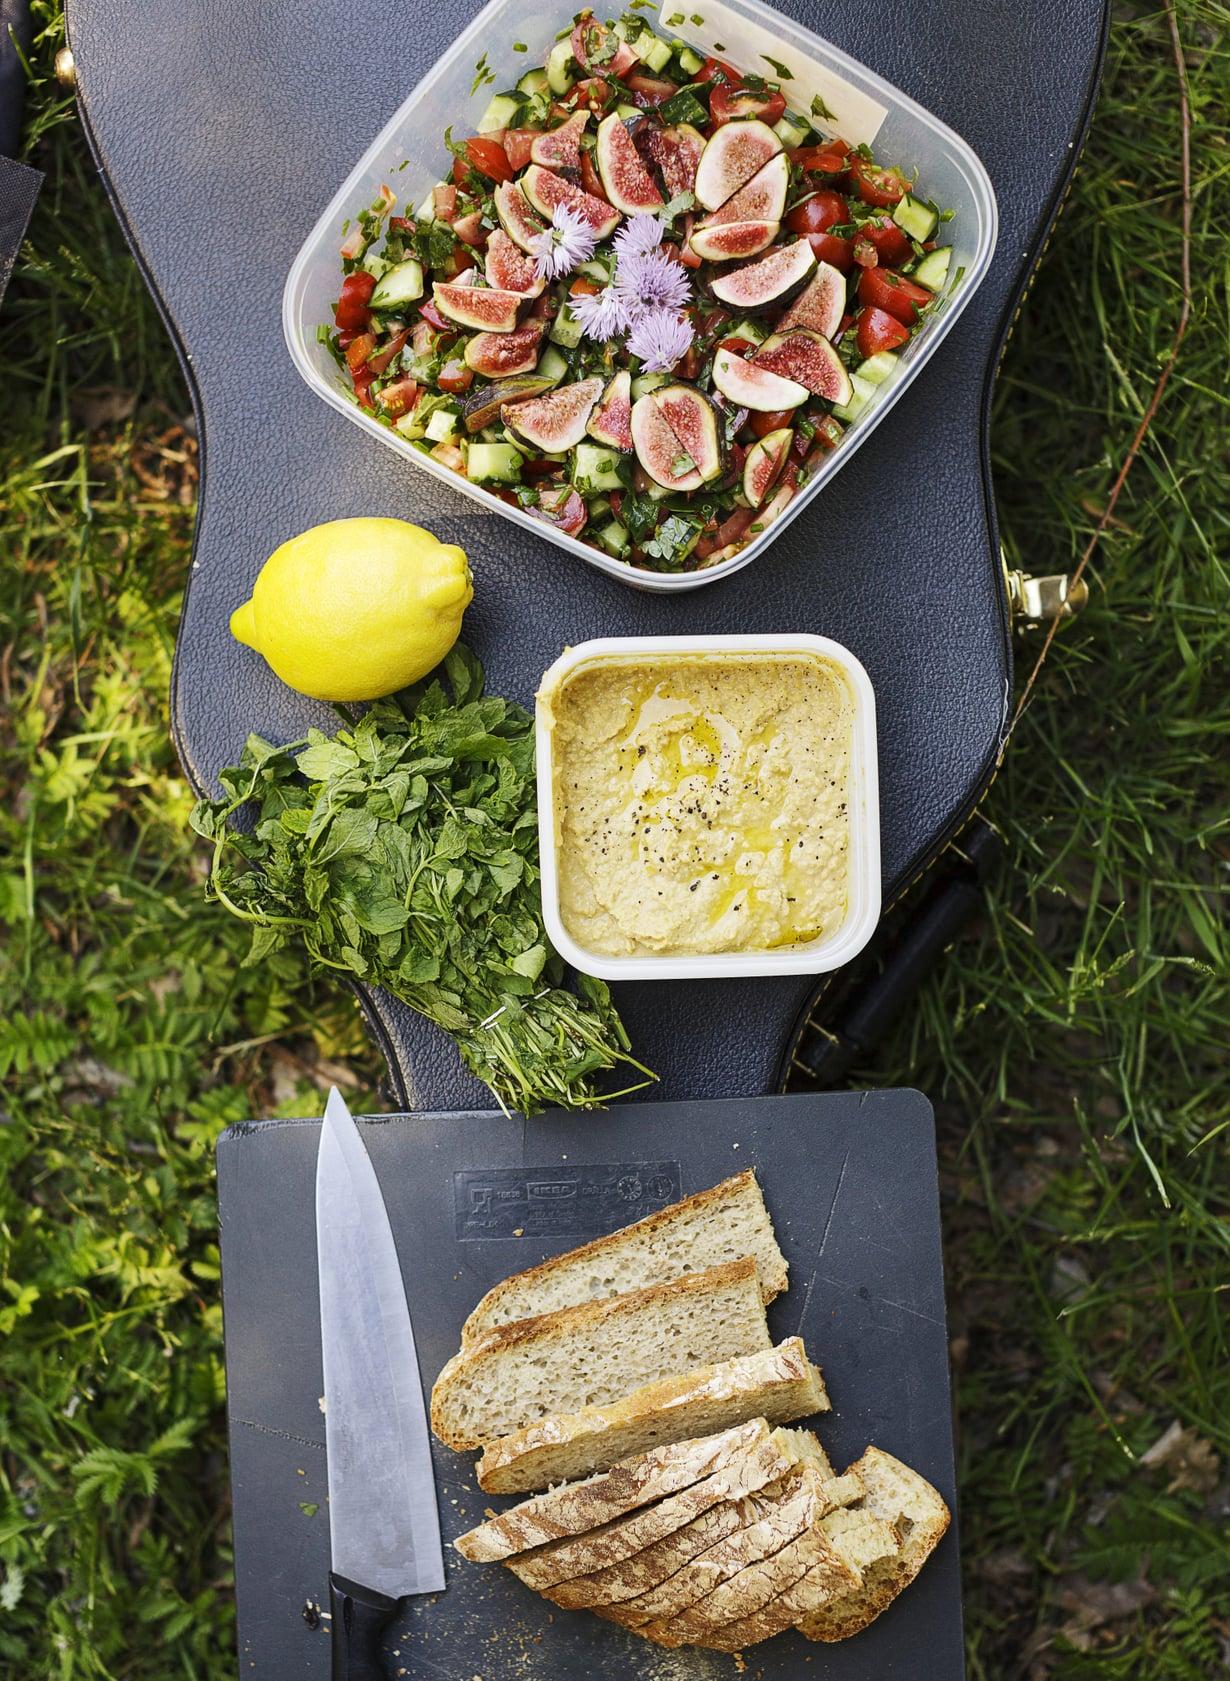 Ruoka maistuu parhaalta ulkona hyvässä seurassa. Salaatissa maistuu kesä.